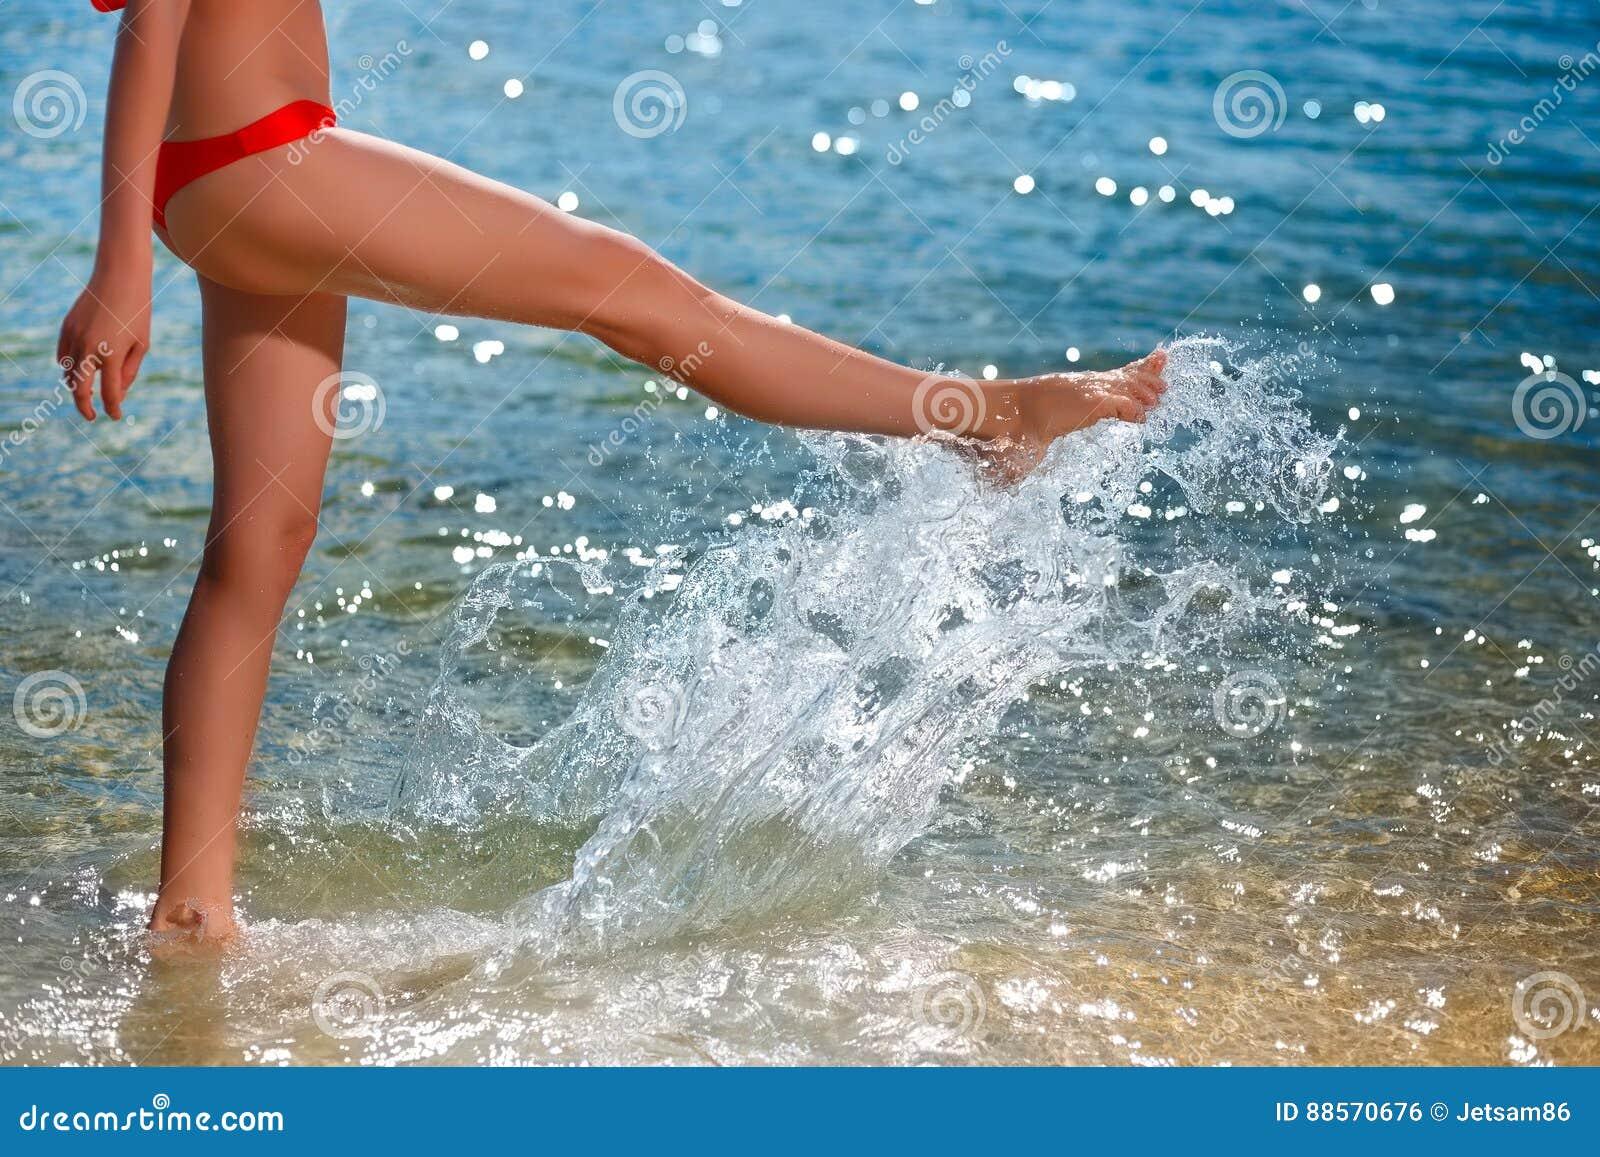 Die junge Schönheit, die auf den Strand geht und spritzt Wasser vorbei